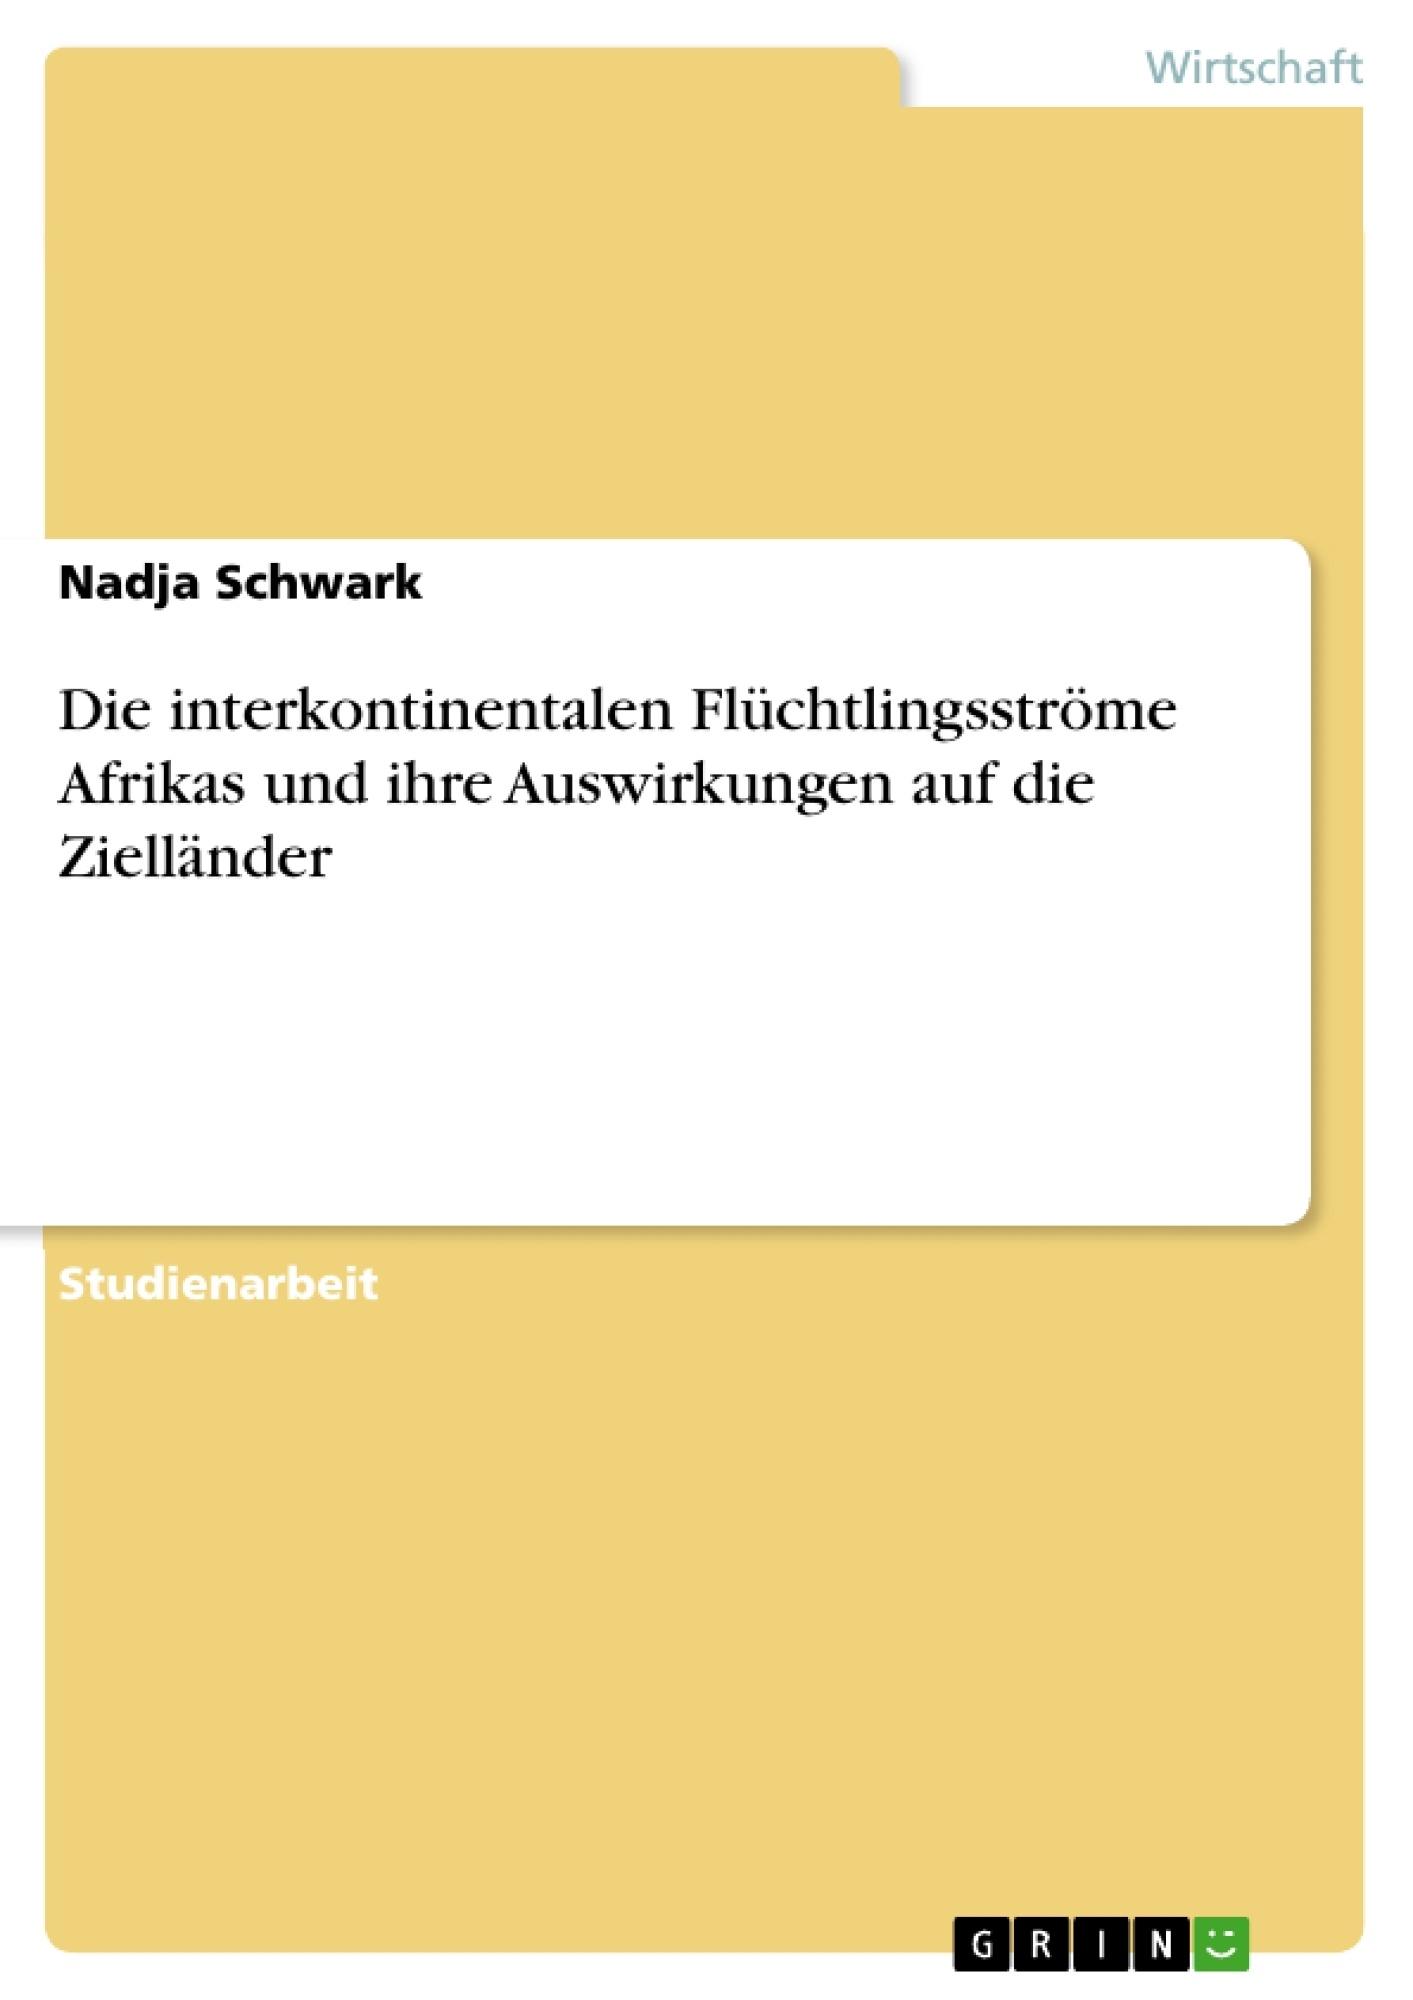 Titel: Die interkontinentalen Flüchtlingsströme Afrikas und ihre Auswirkungen auf die Zielländer